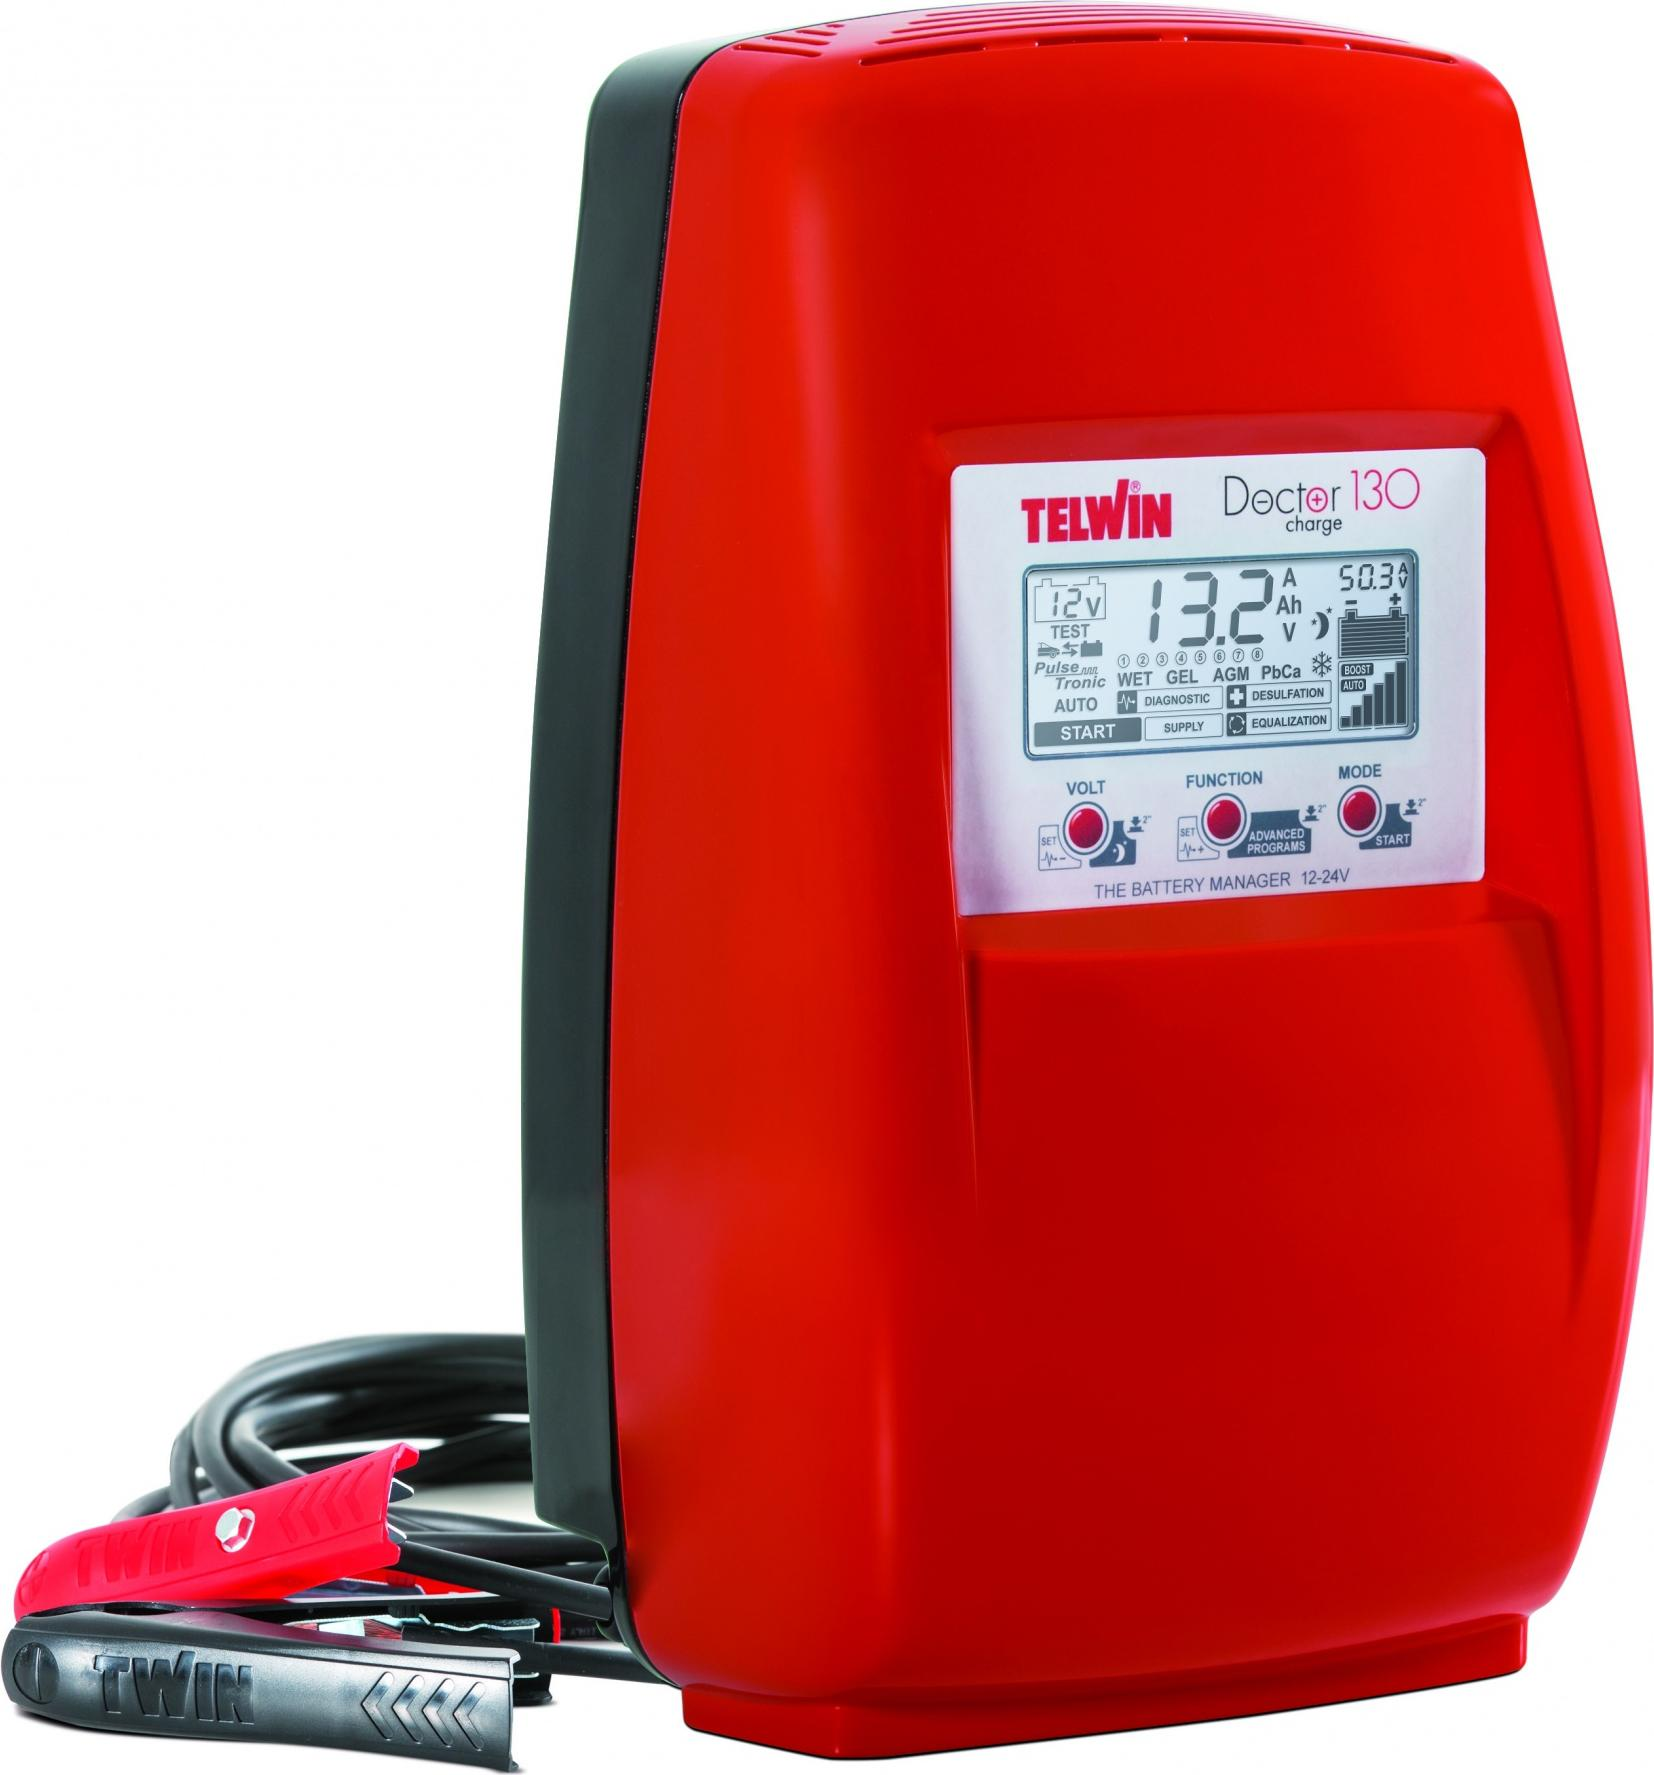 Купить Устройство пуско-зарядное Telwin Doctor charge 130